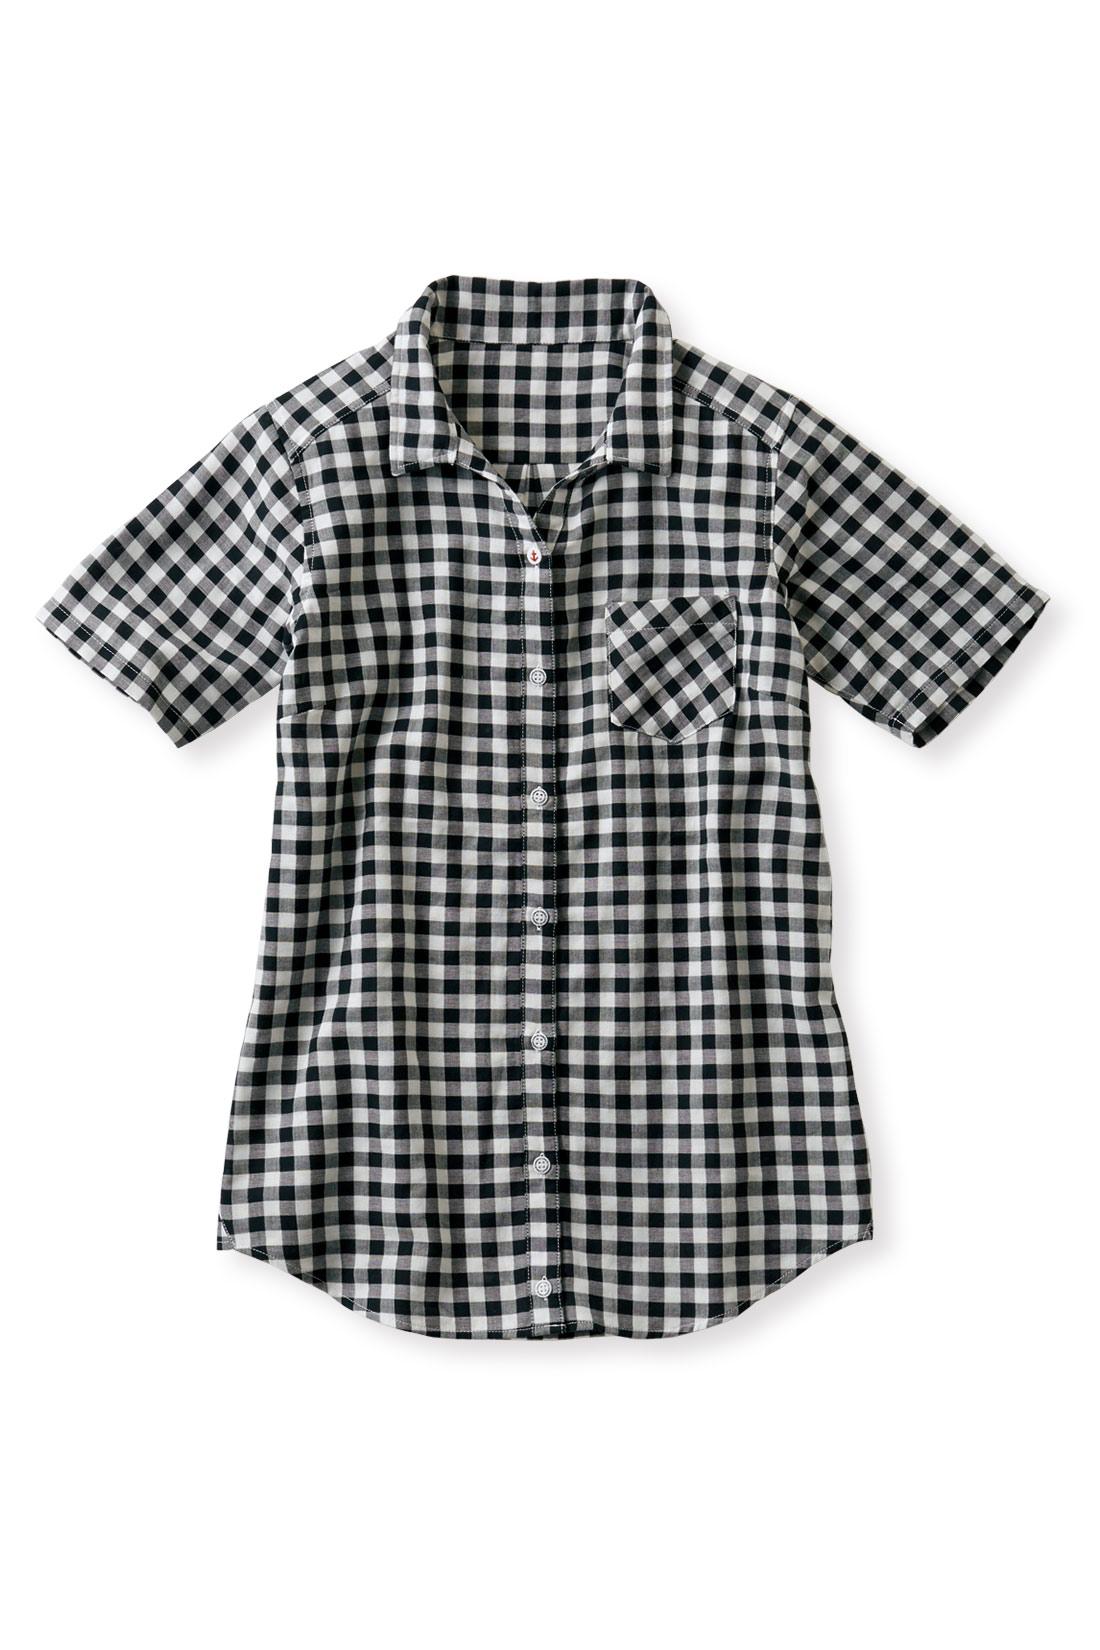 白×黒であかぬける【ギンガム】 やや長めの半袖だから、二の腕を自然にカバー。